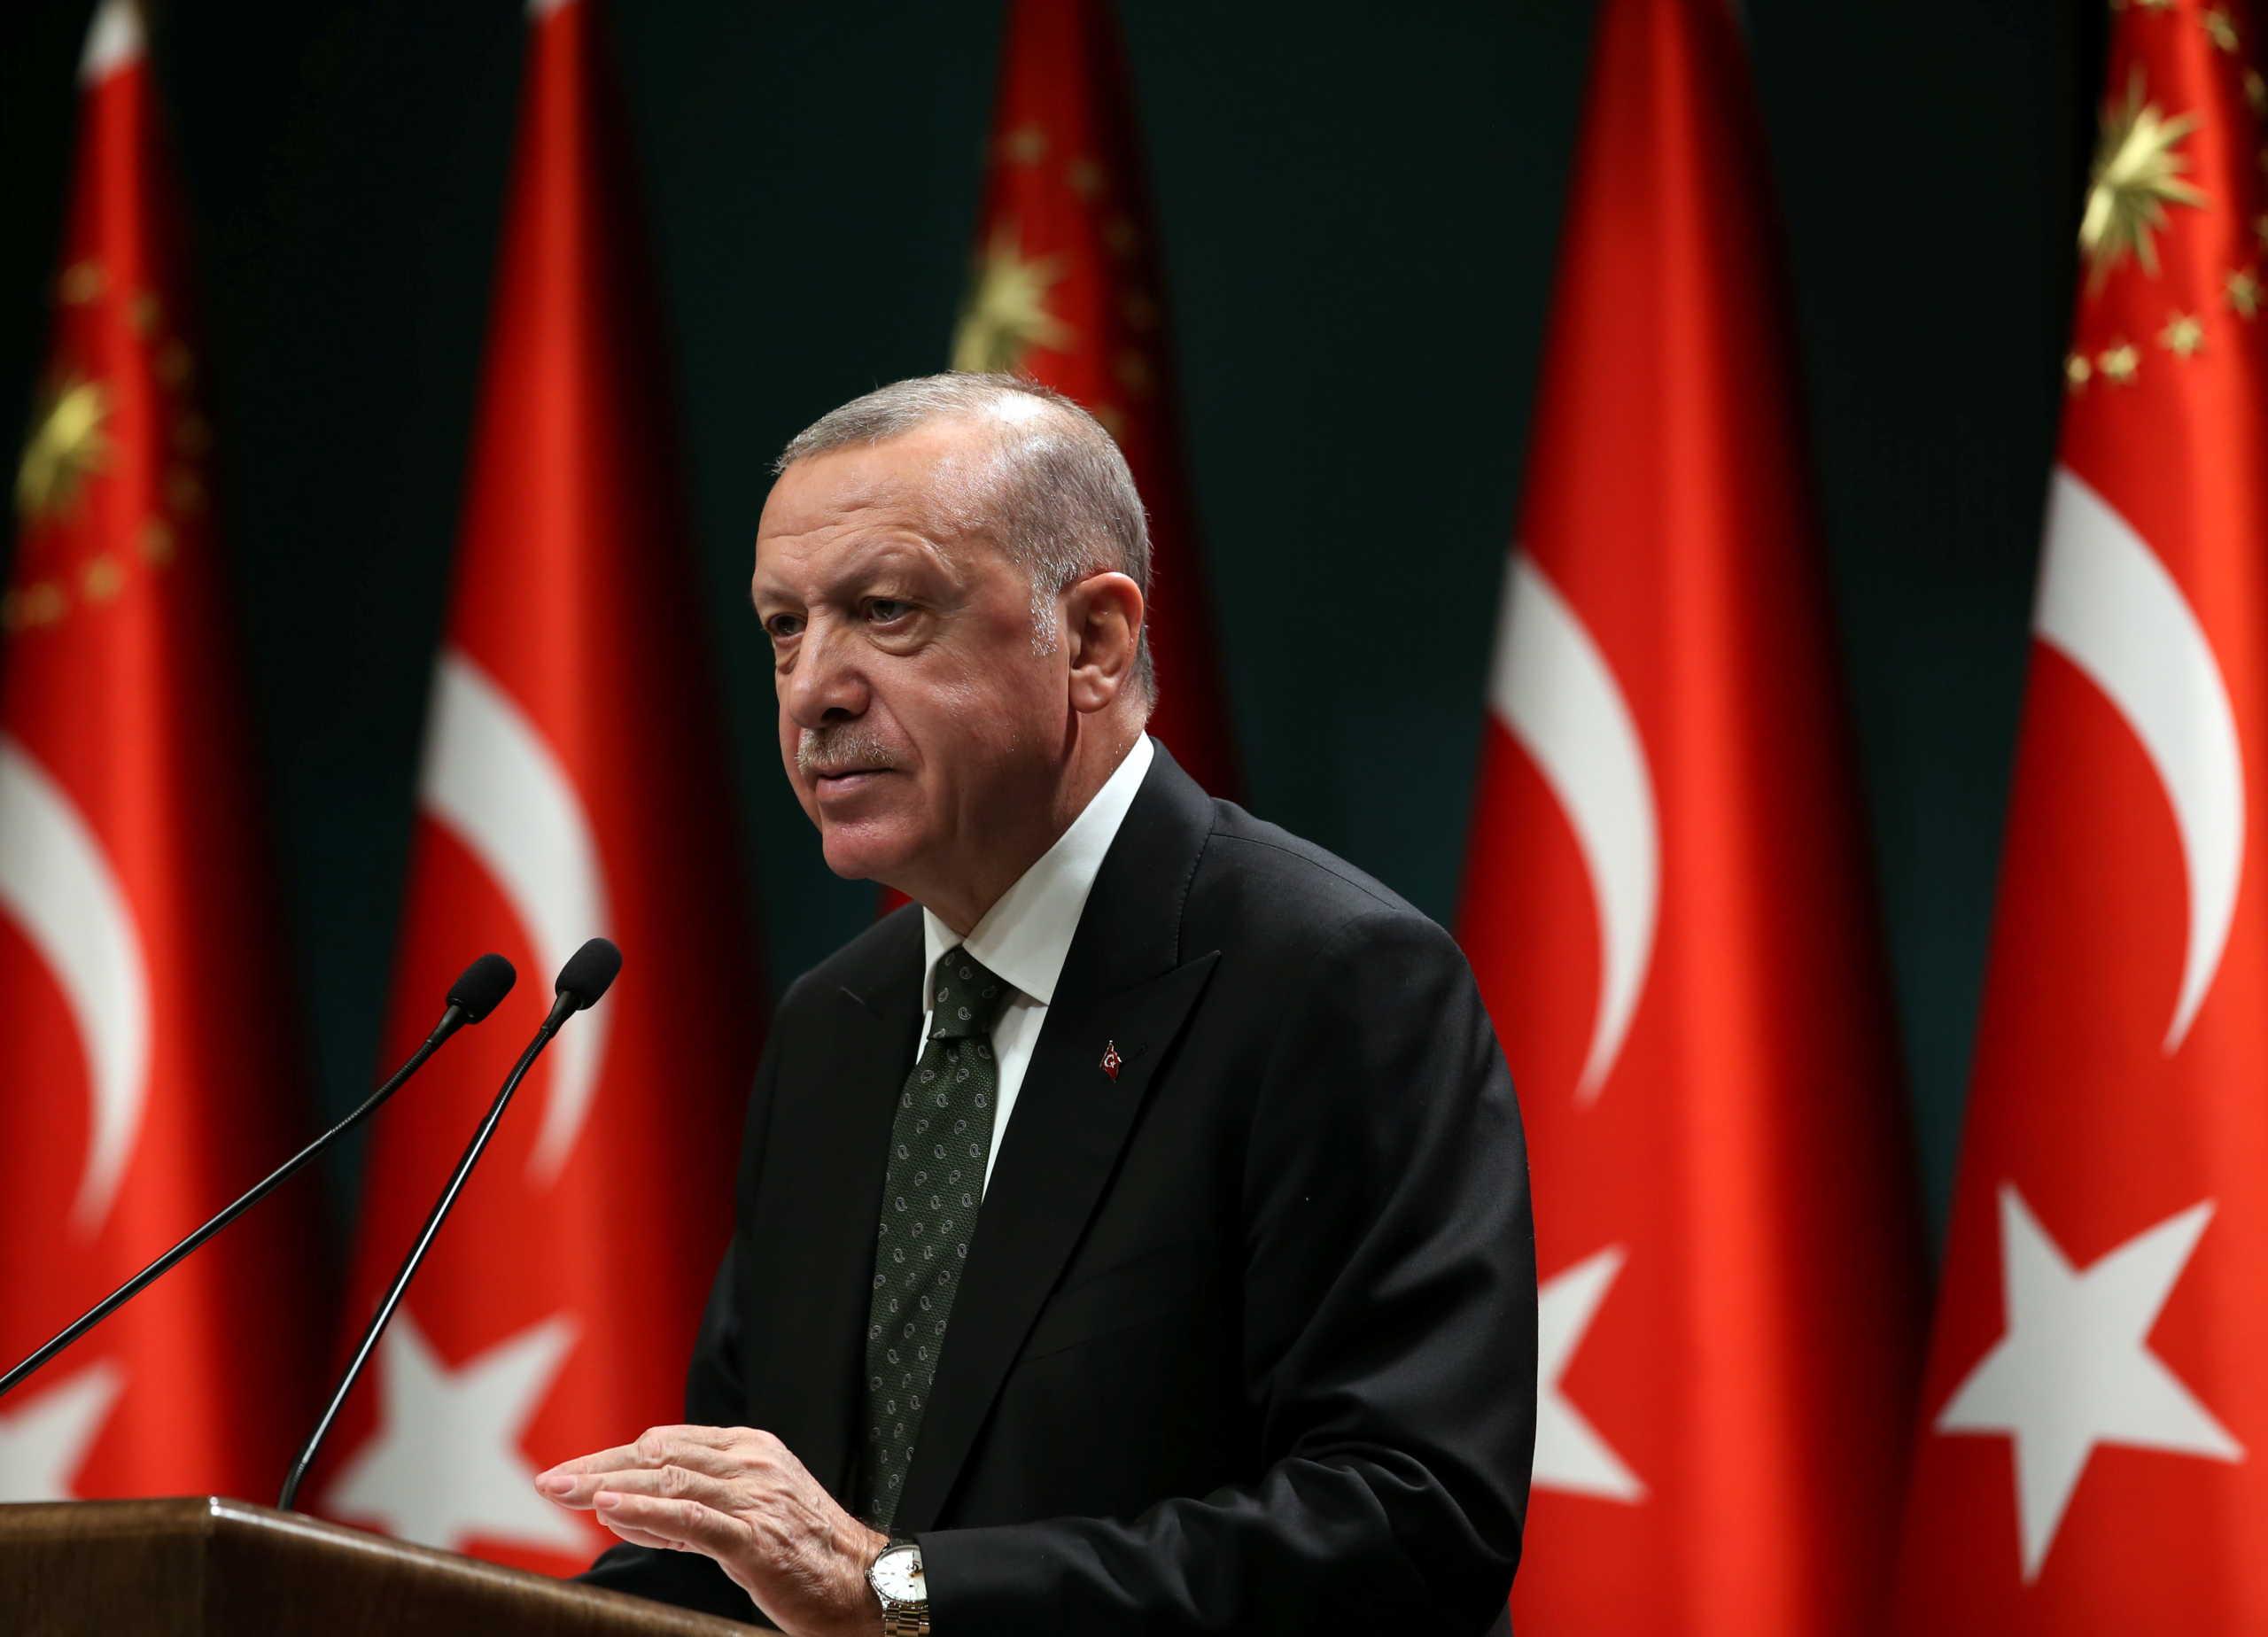 """Οργή Ερντογάν για το ρατσιστικό περιστατικό στο Champions League – To """"μήνυμα"""" στην UEFA"""